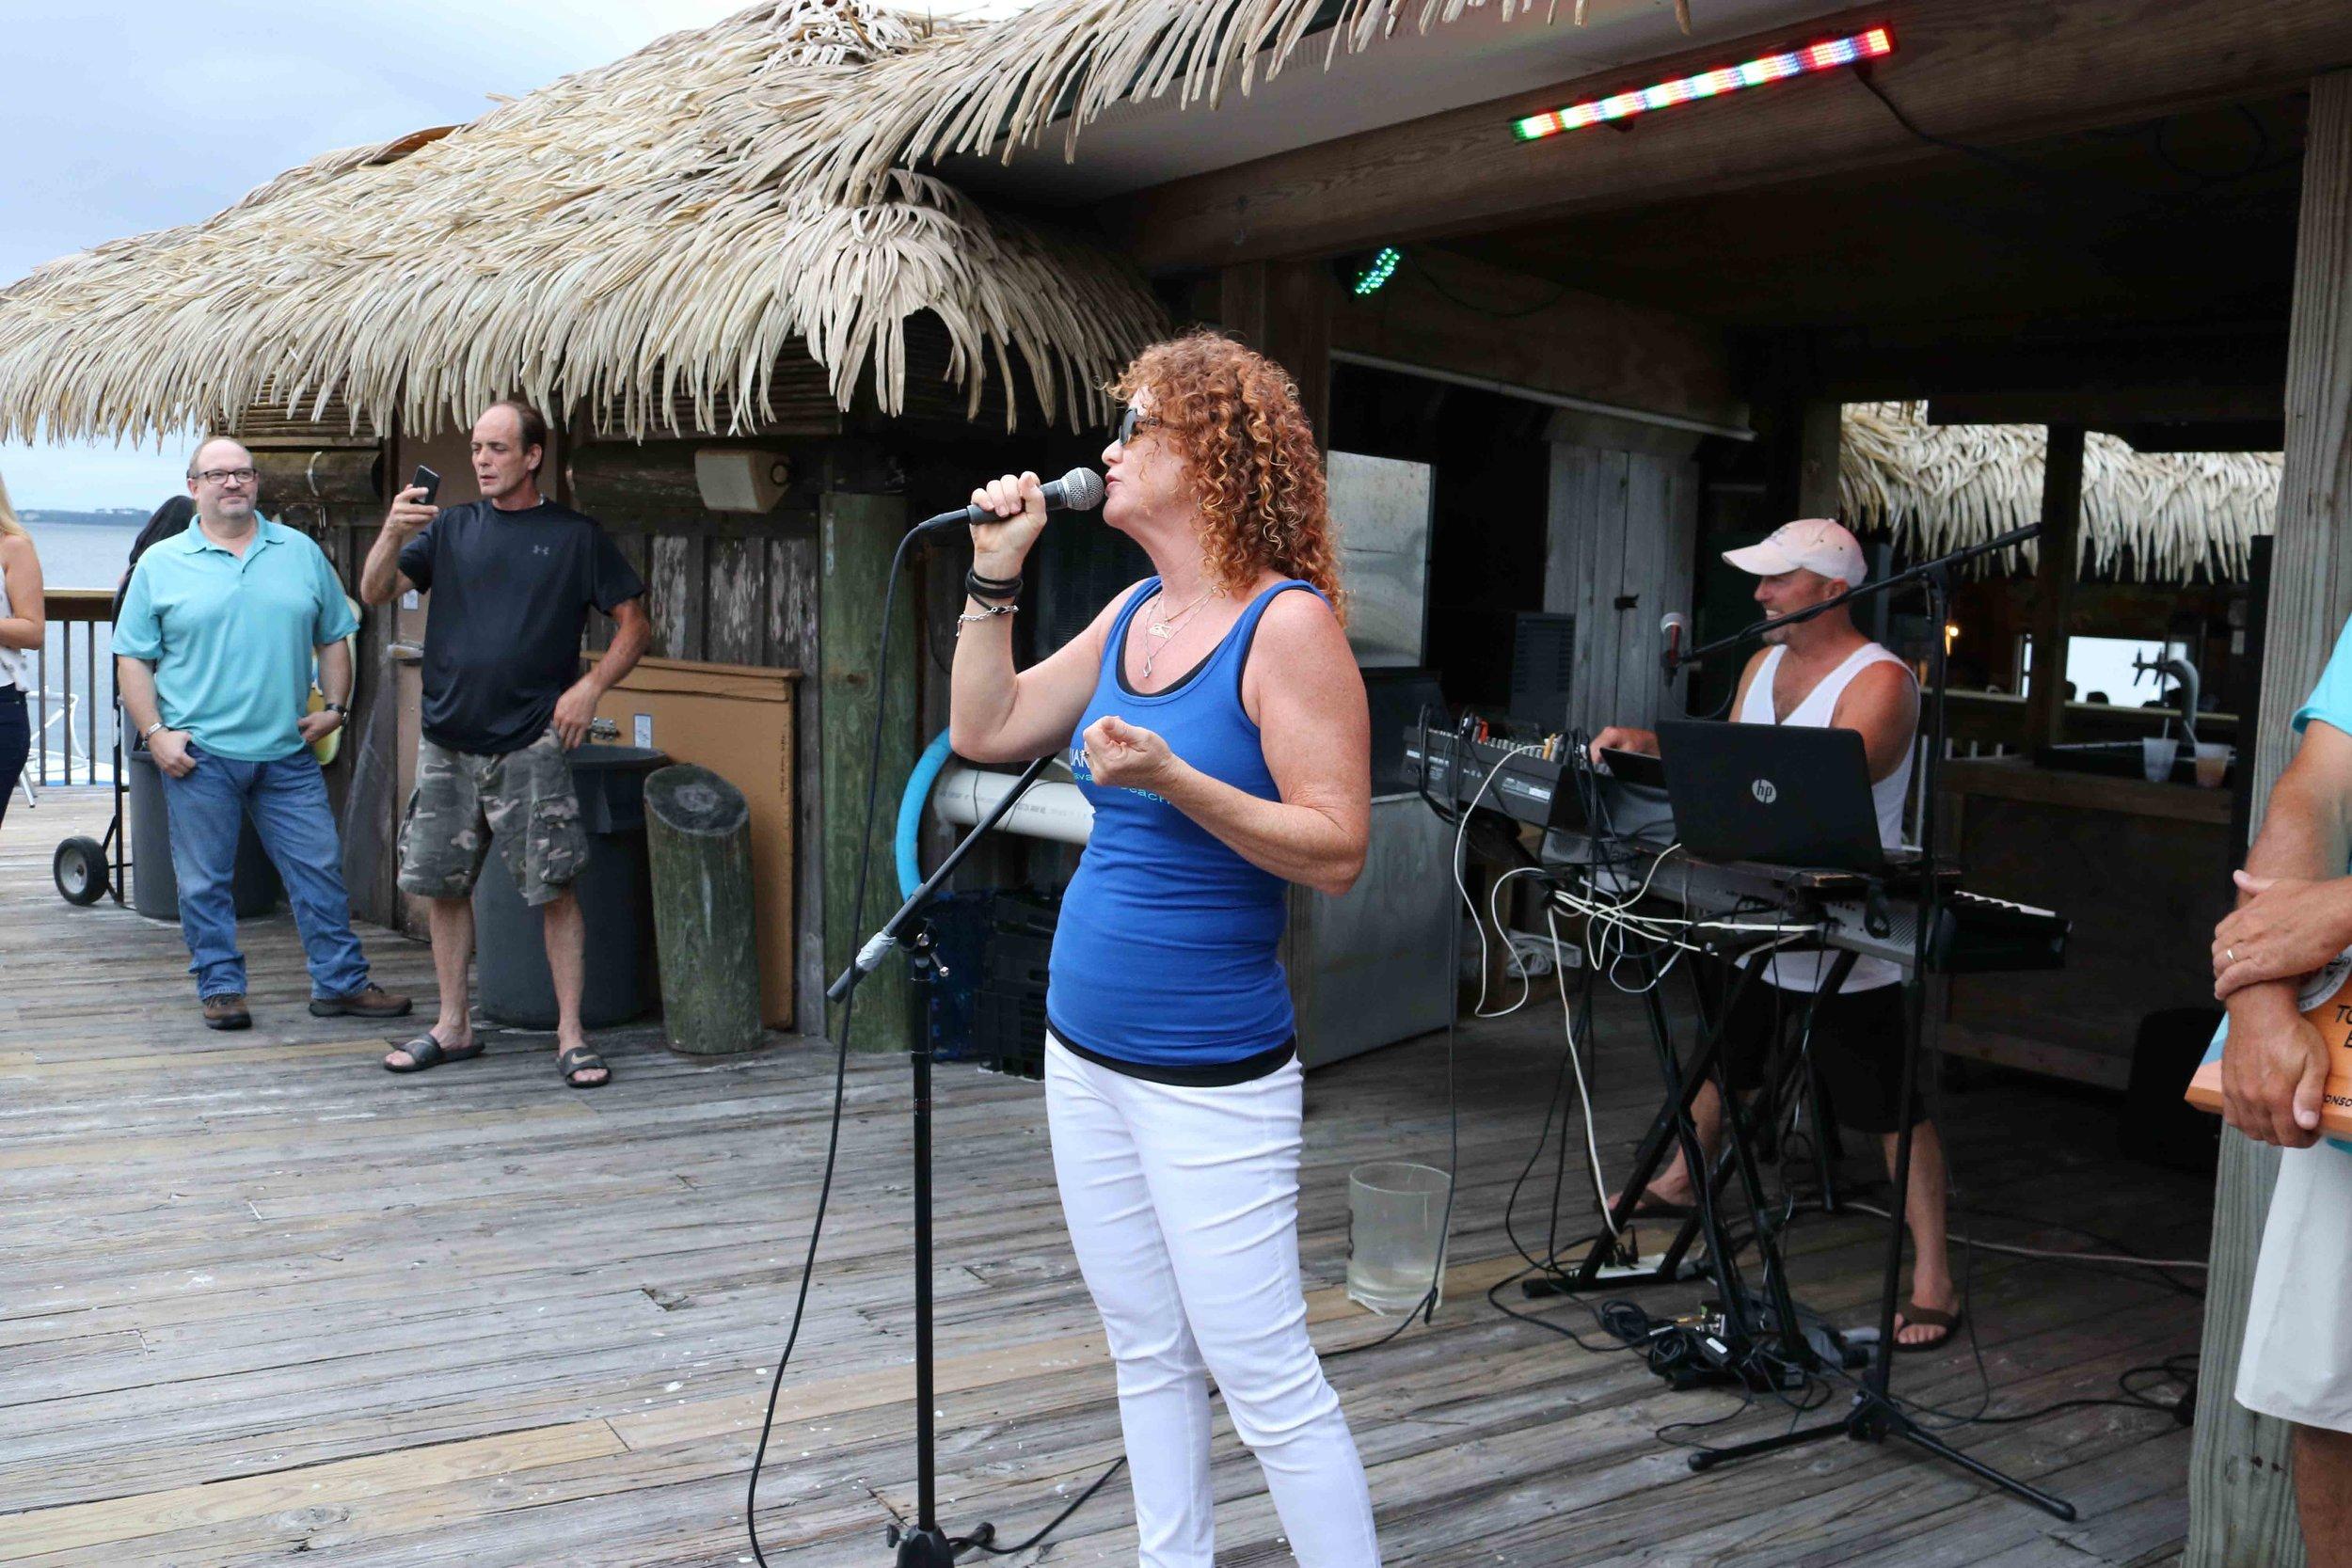 Juana shares memories at the 2017 Top 10 Florida Beach Bar party